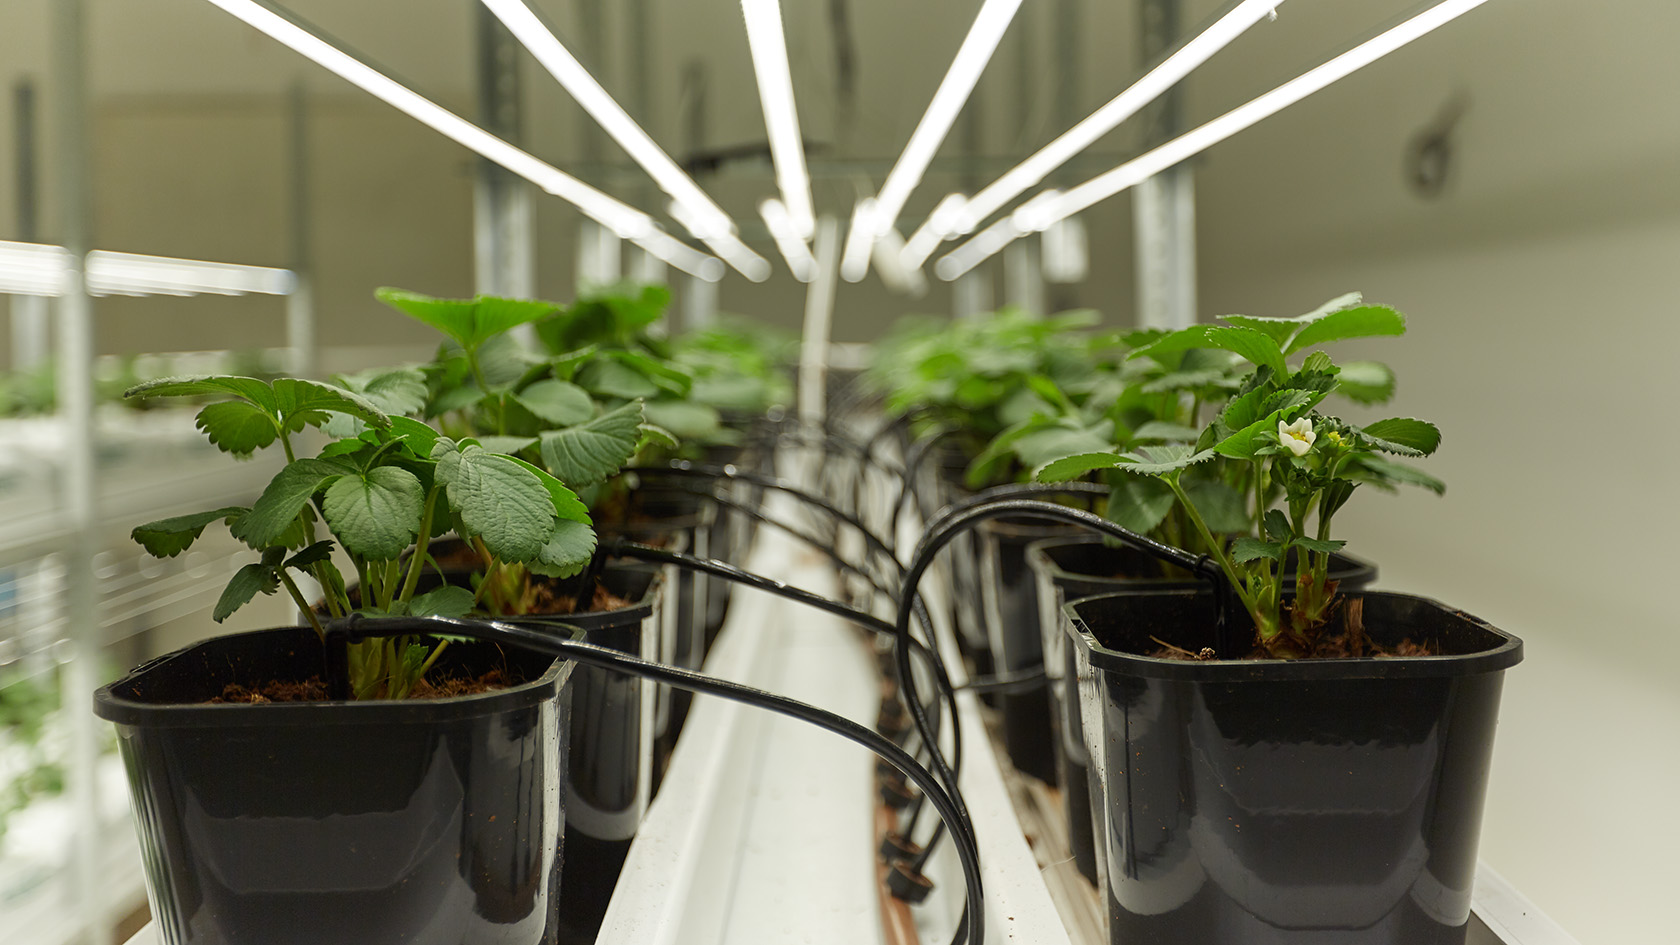 Как высаживать семена для гидропоники марихуана сорт 2046